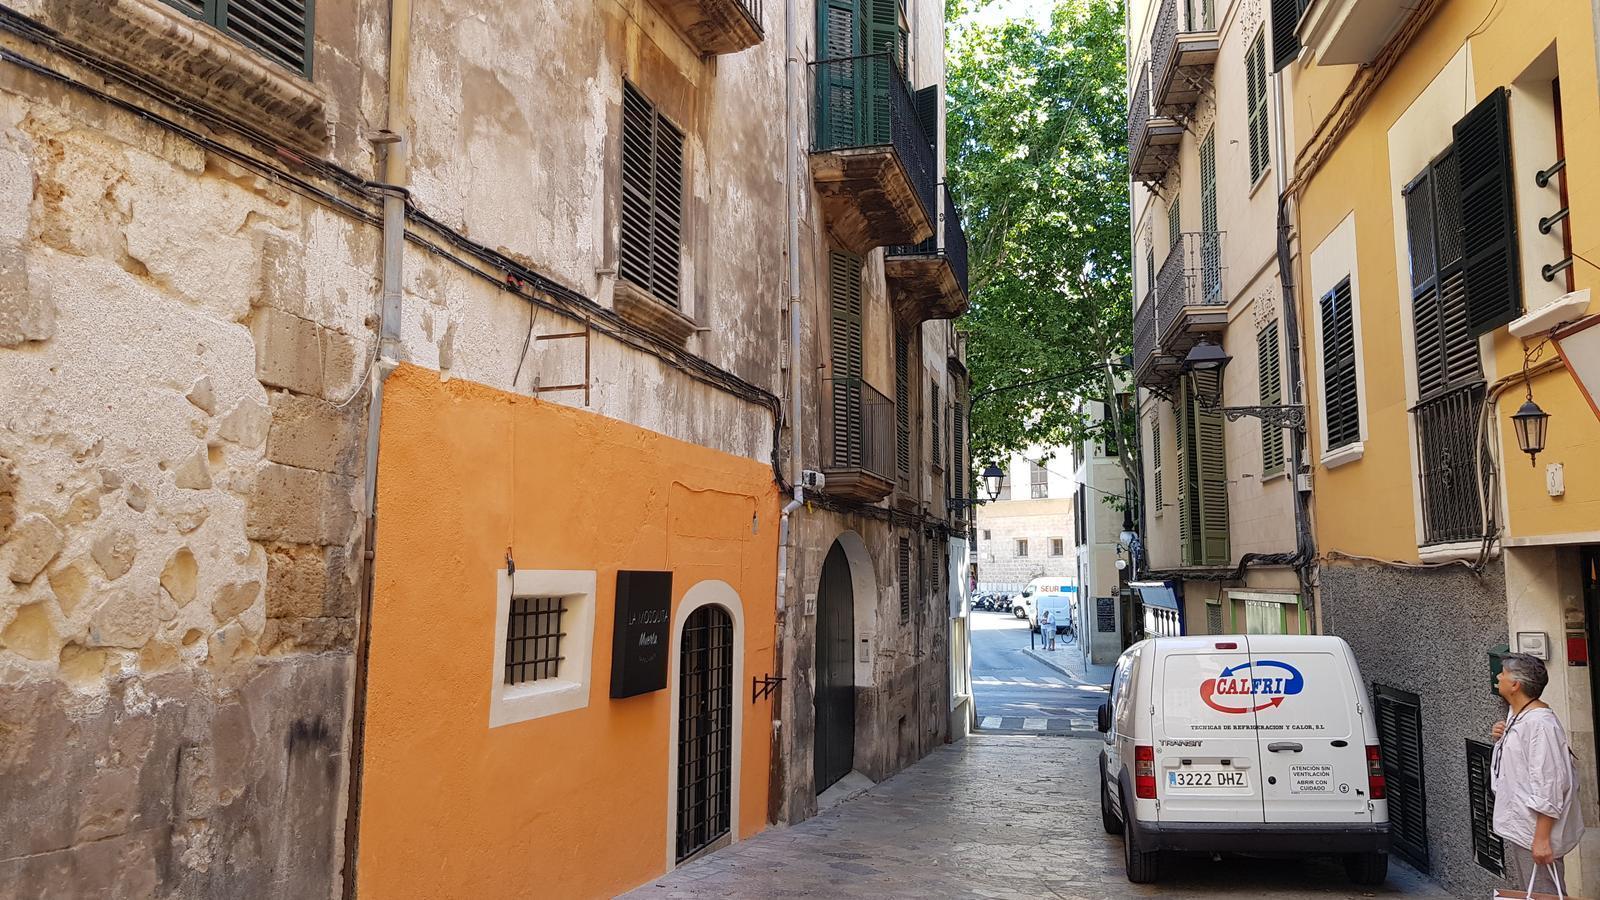 Façana pintada al carrer Caputxines